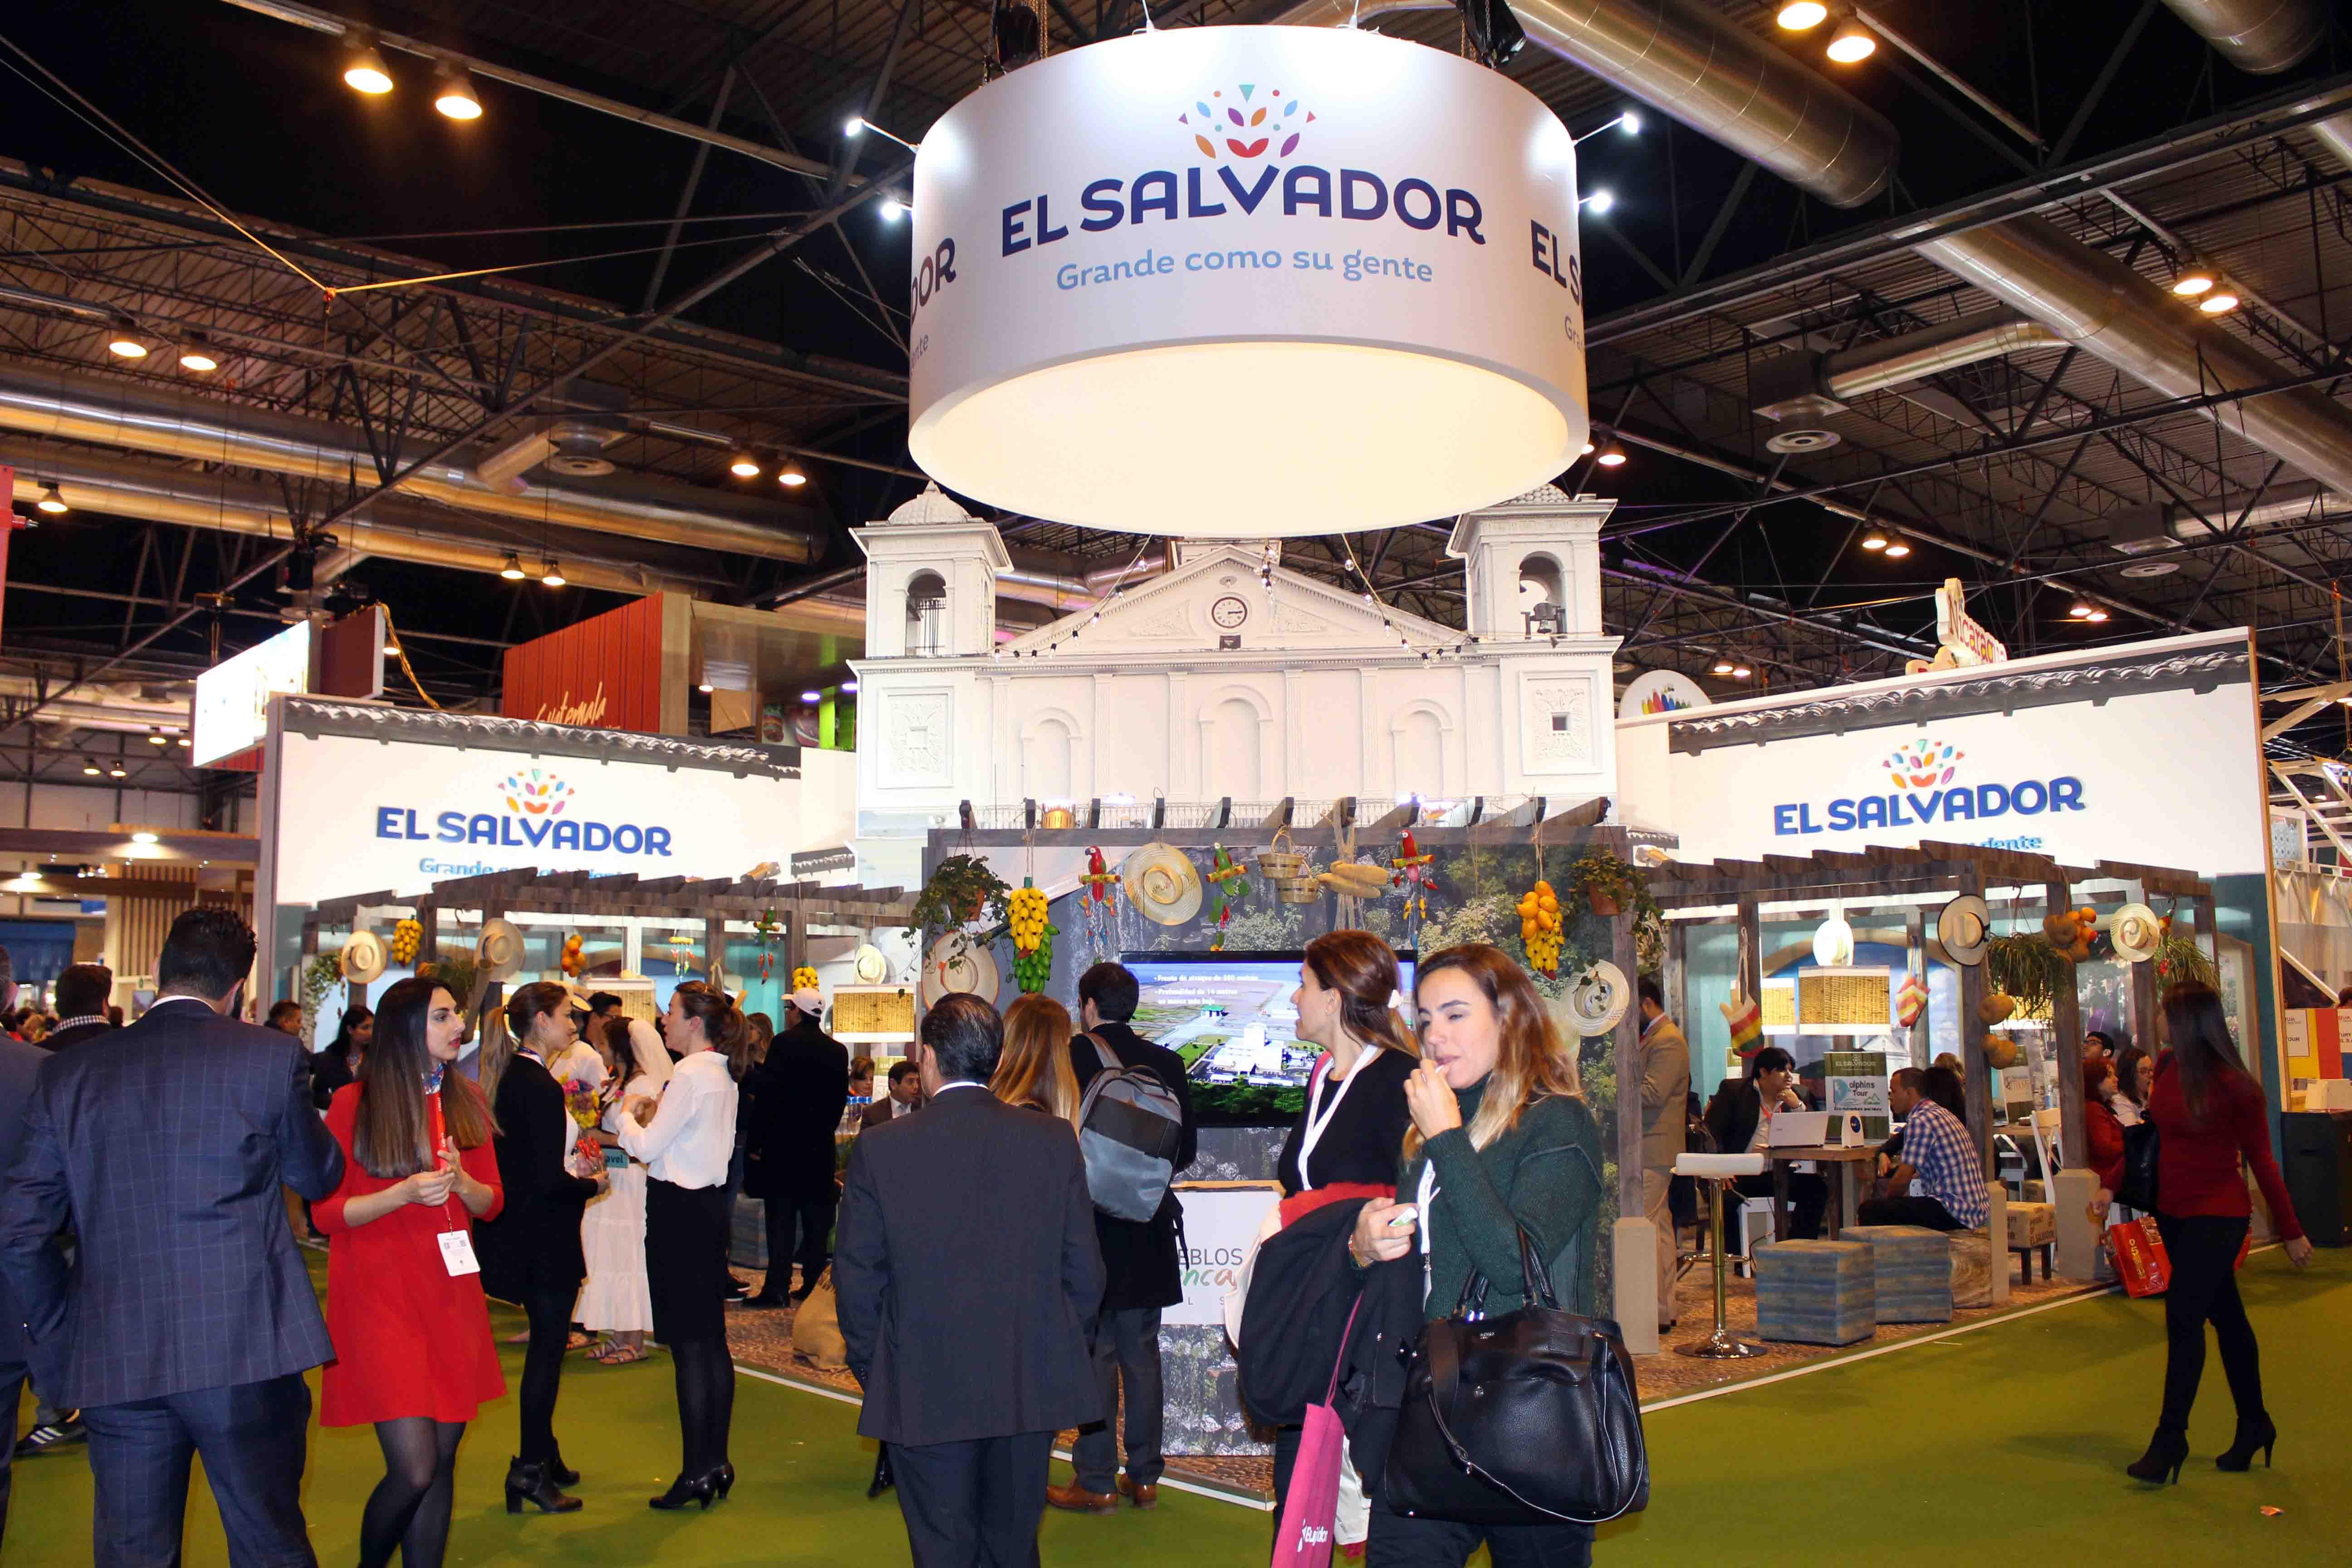 El Salvador buscará  inversores para dos áreas clave: una marítima y otra volcánica.